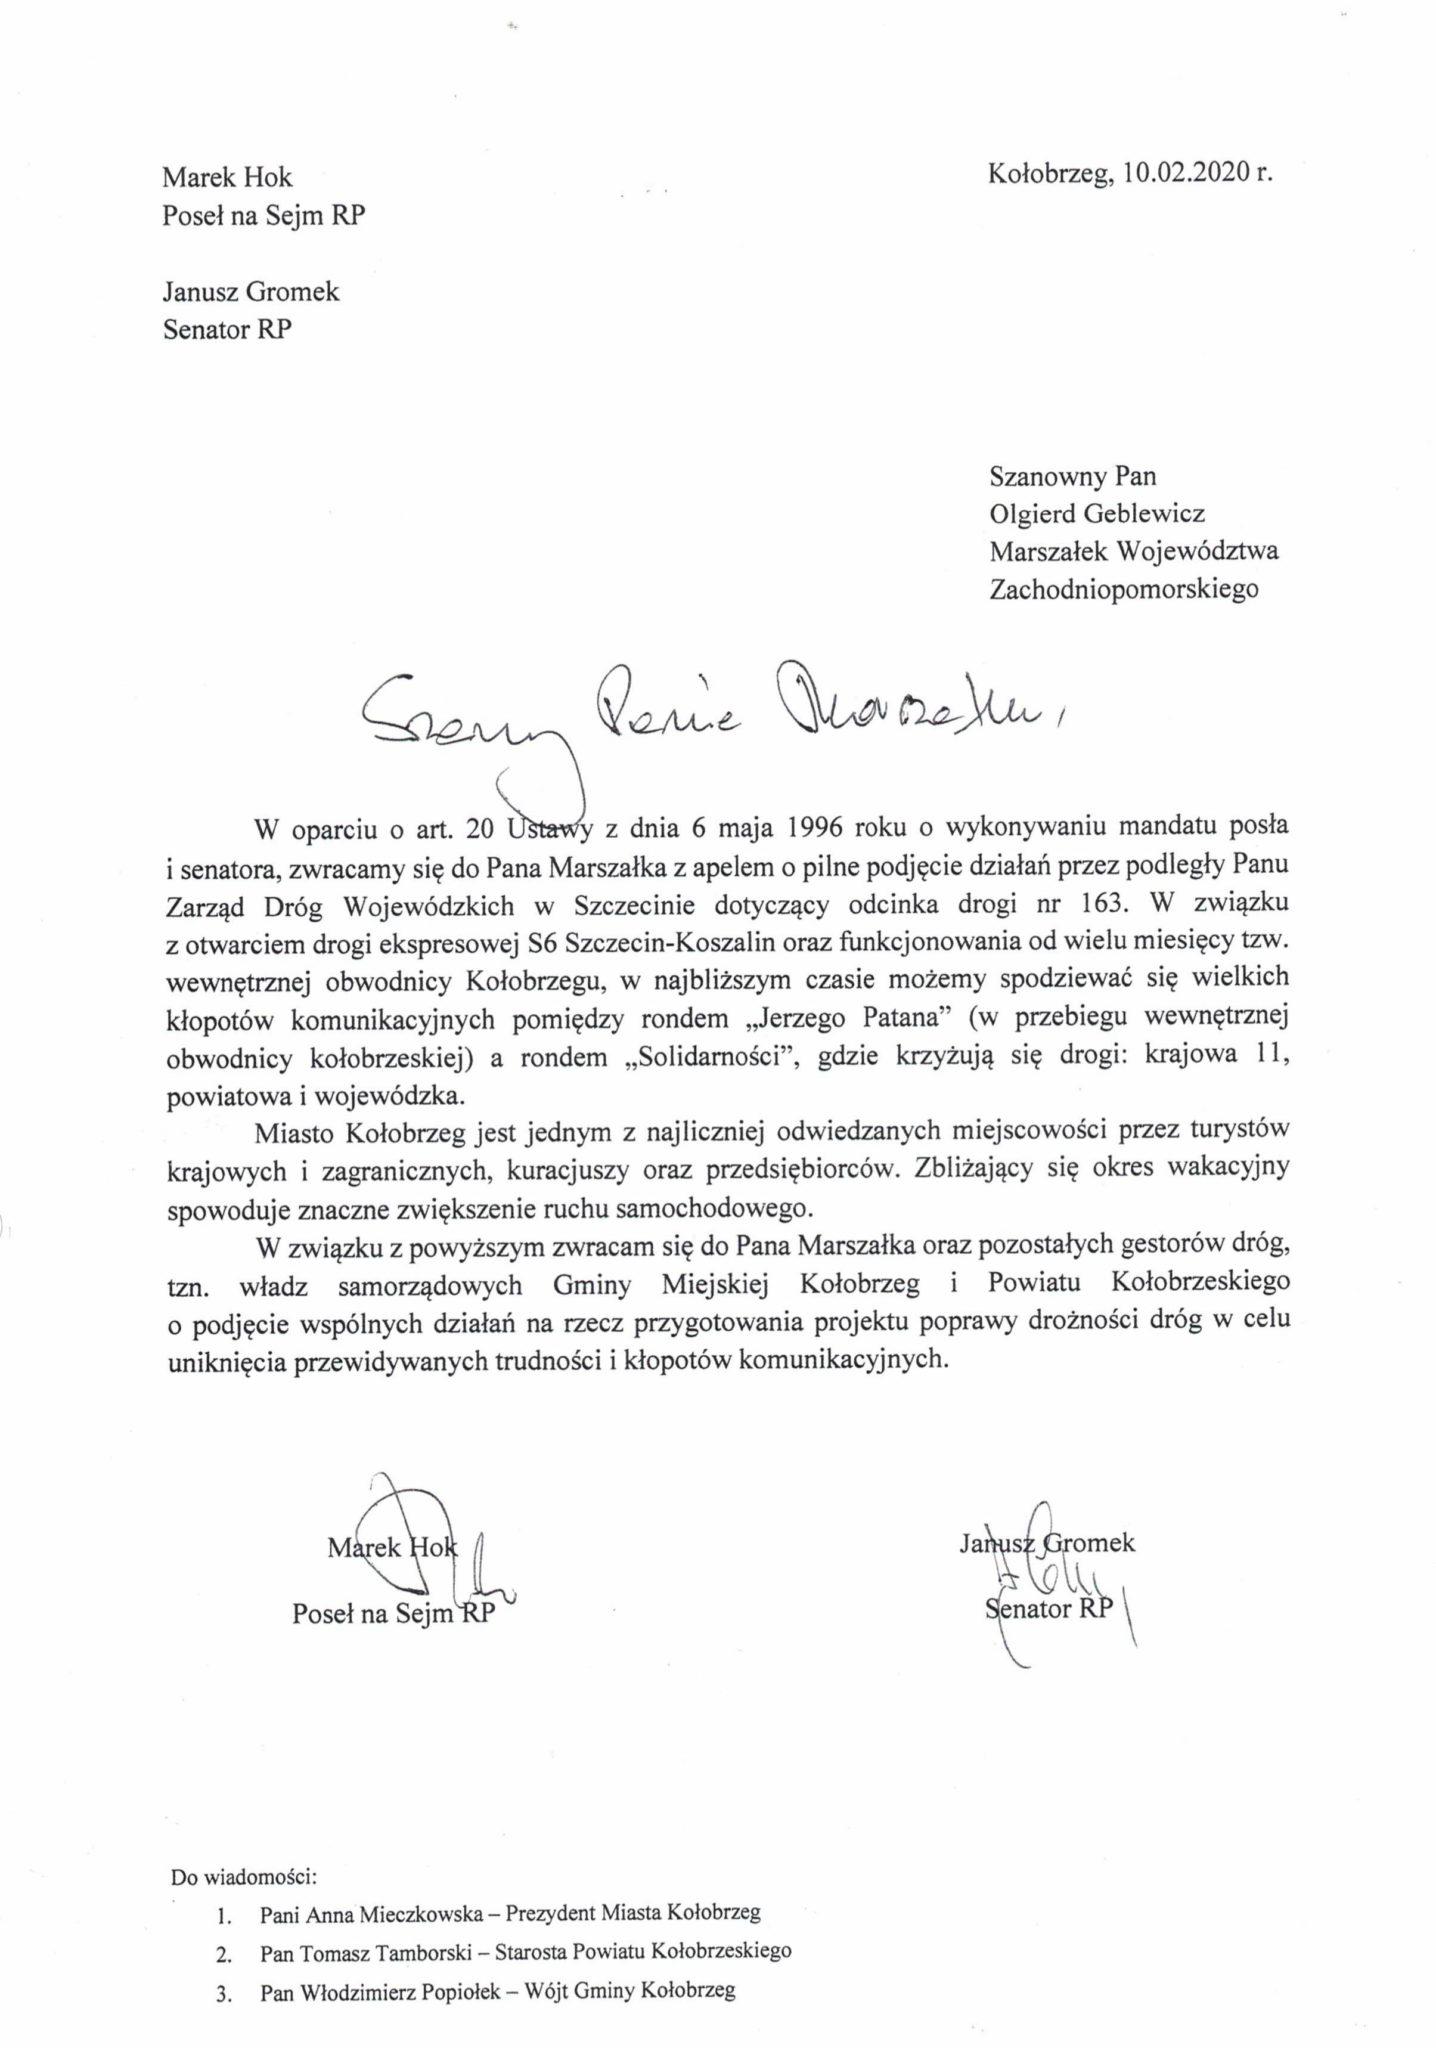 0001 - Kołobrzescy parlamentarzyści apelują do marszałka: Jeżeli nic nie zrobimy z odcinkiem drogi 163, czekają nas wielkie kłopoty komunikacyjne